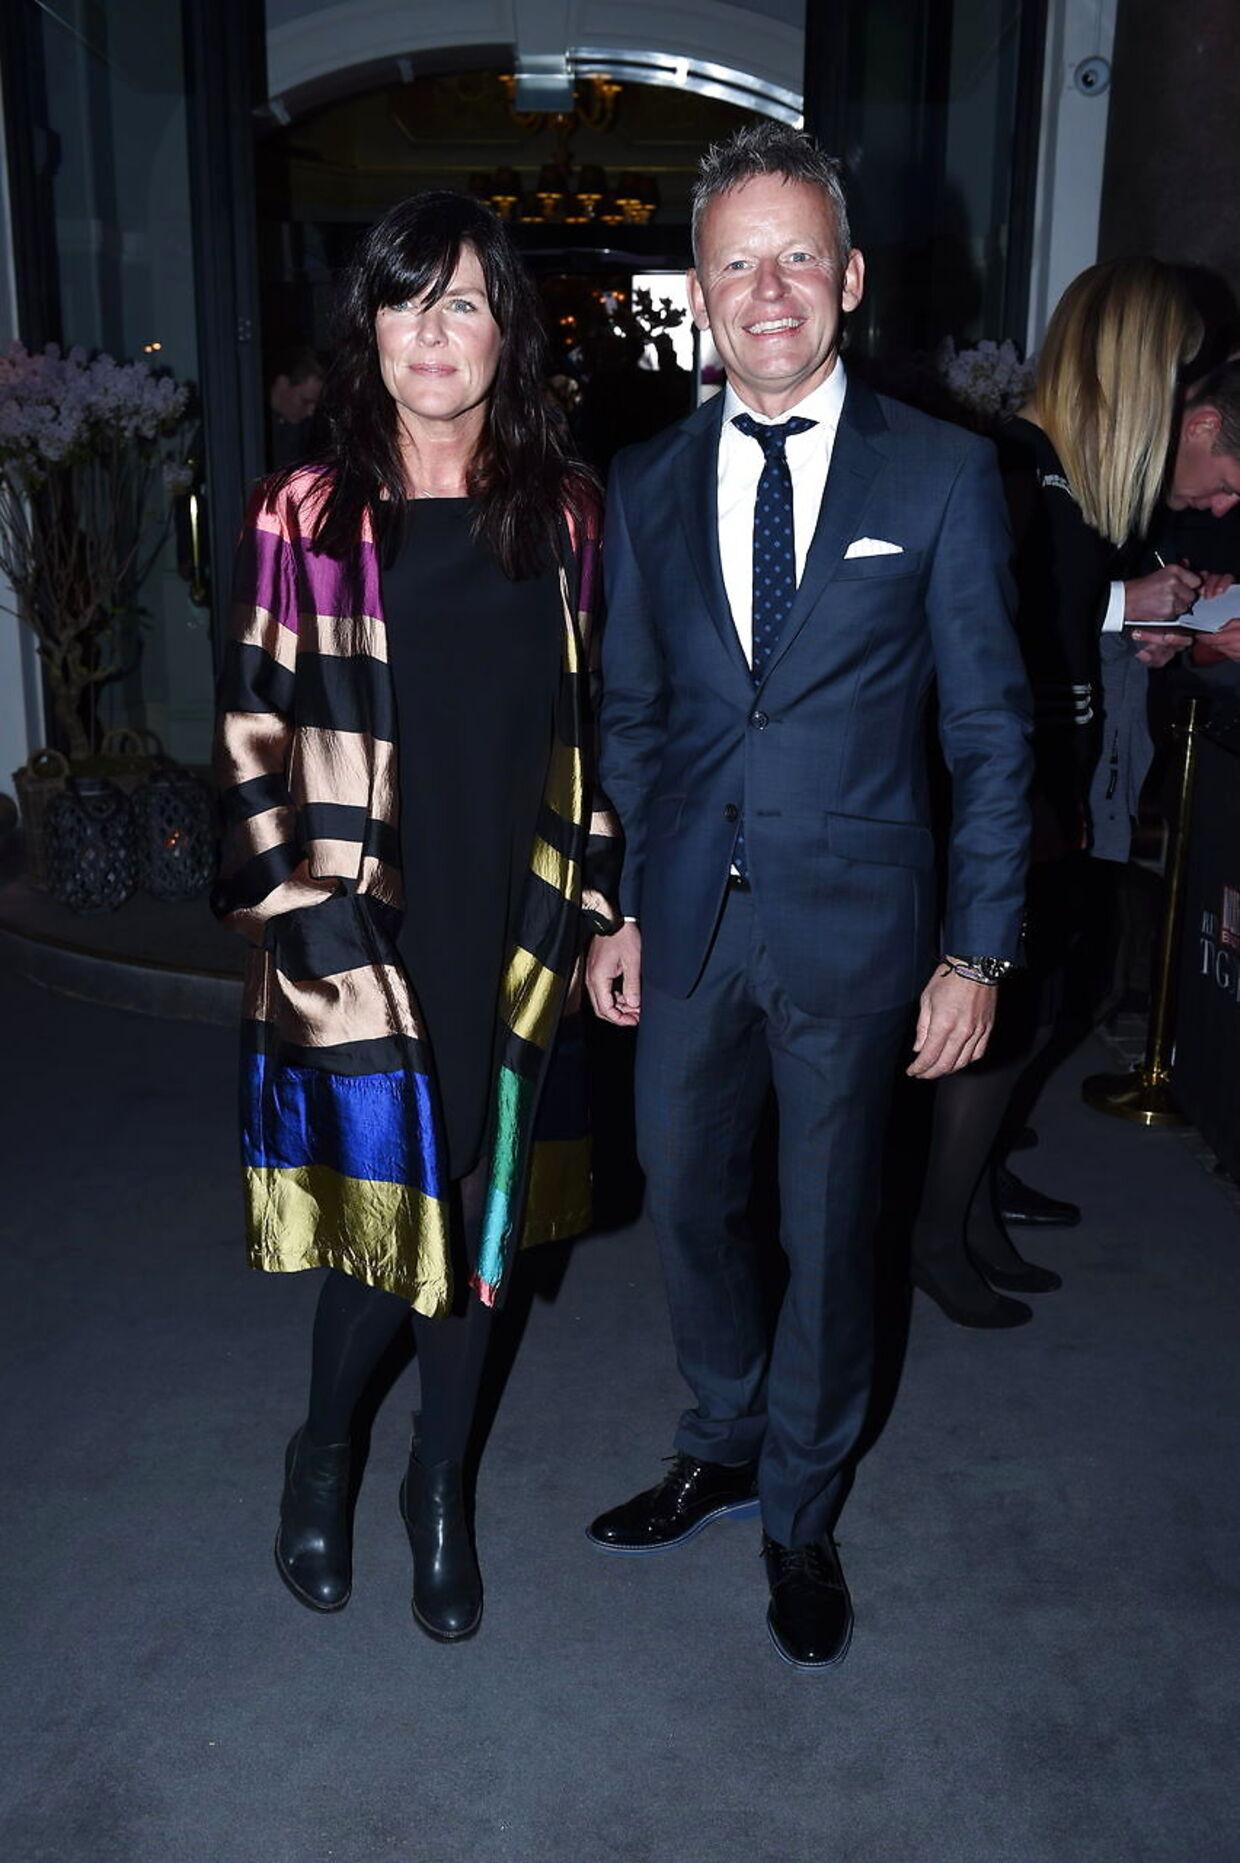 Bubber og Christina 'Ibsen' Meyer til Billedbladets 'TV-Guld' i 2015.